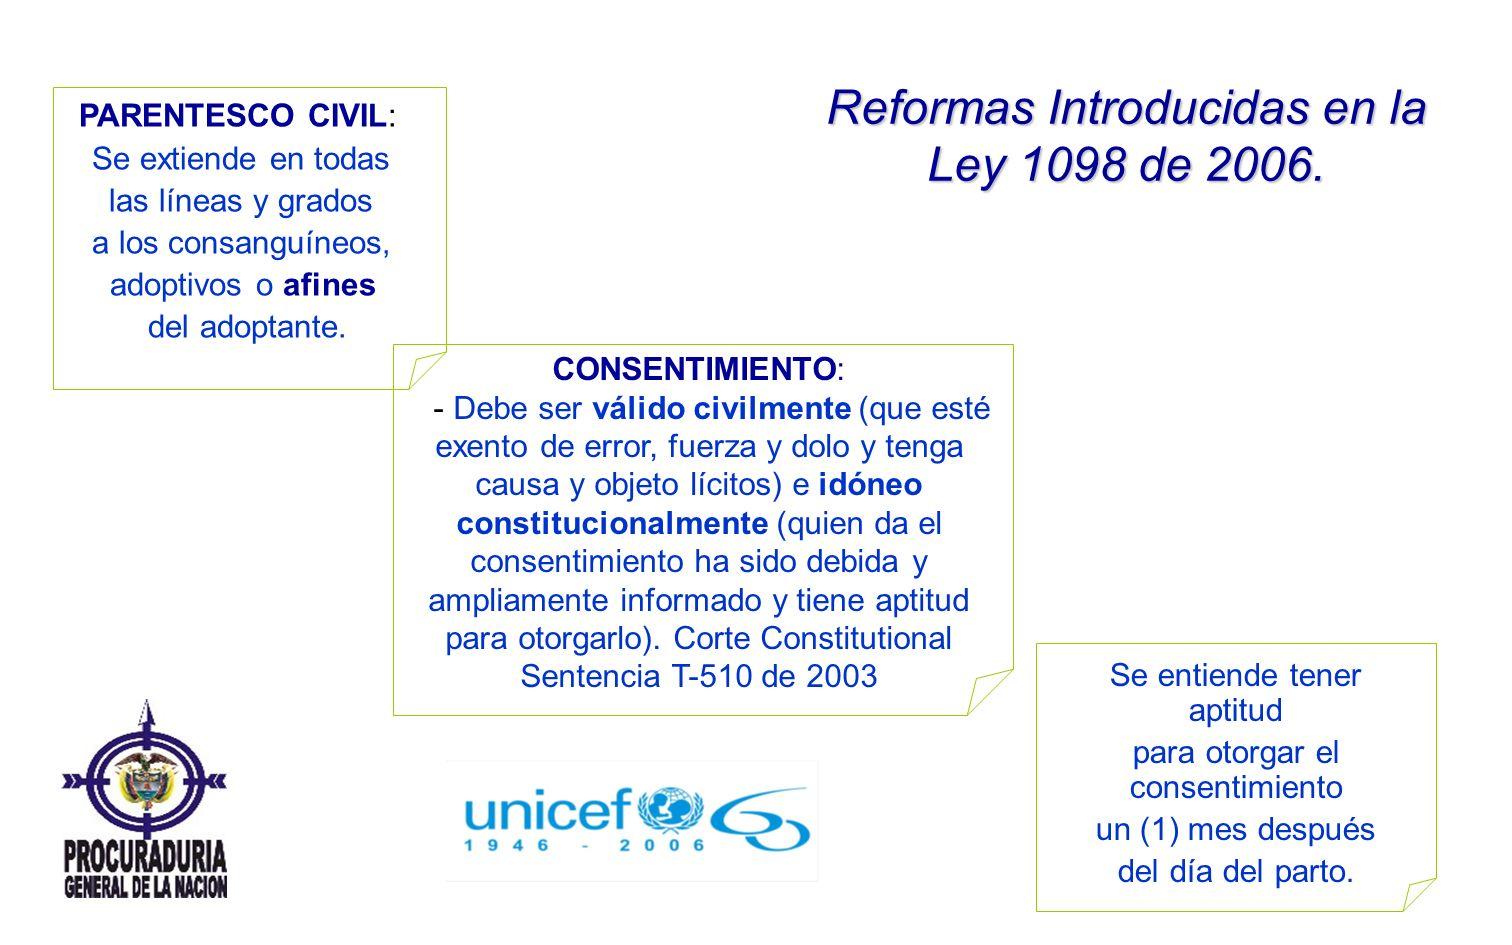 Reformas Introducidas en la Ley 1098 de 2006. PARENTESCO CIVIL: Se extiende en todas las líneas y grados a los consanguíneos, adoptivos o afines del a